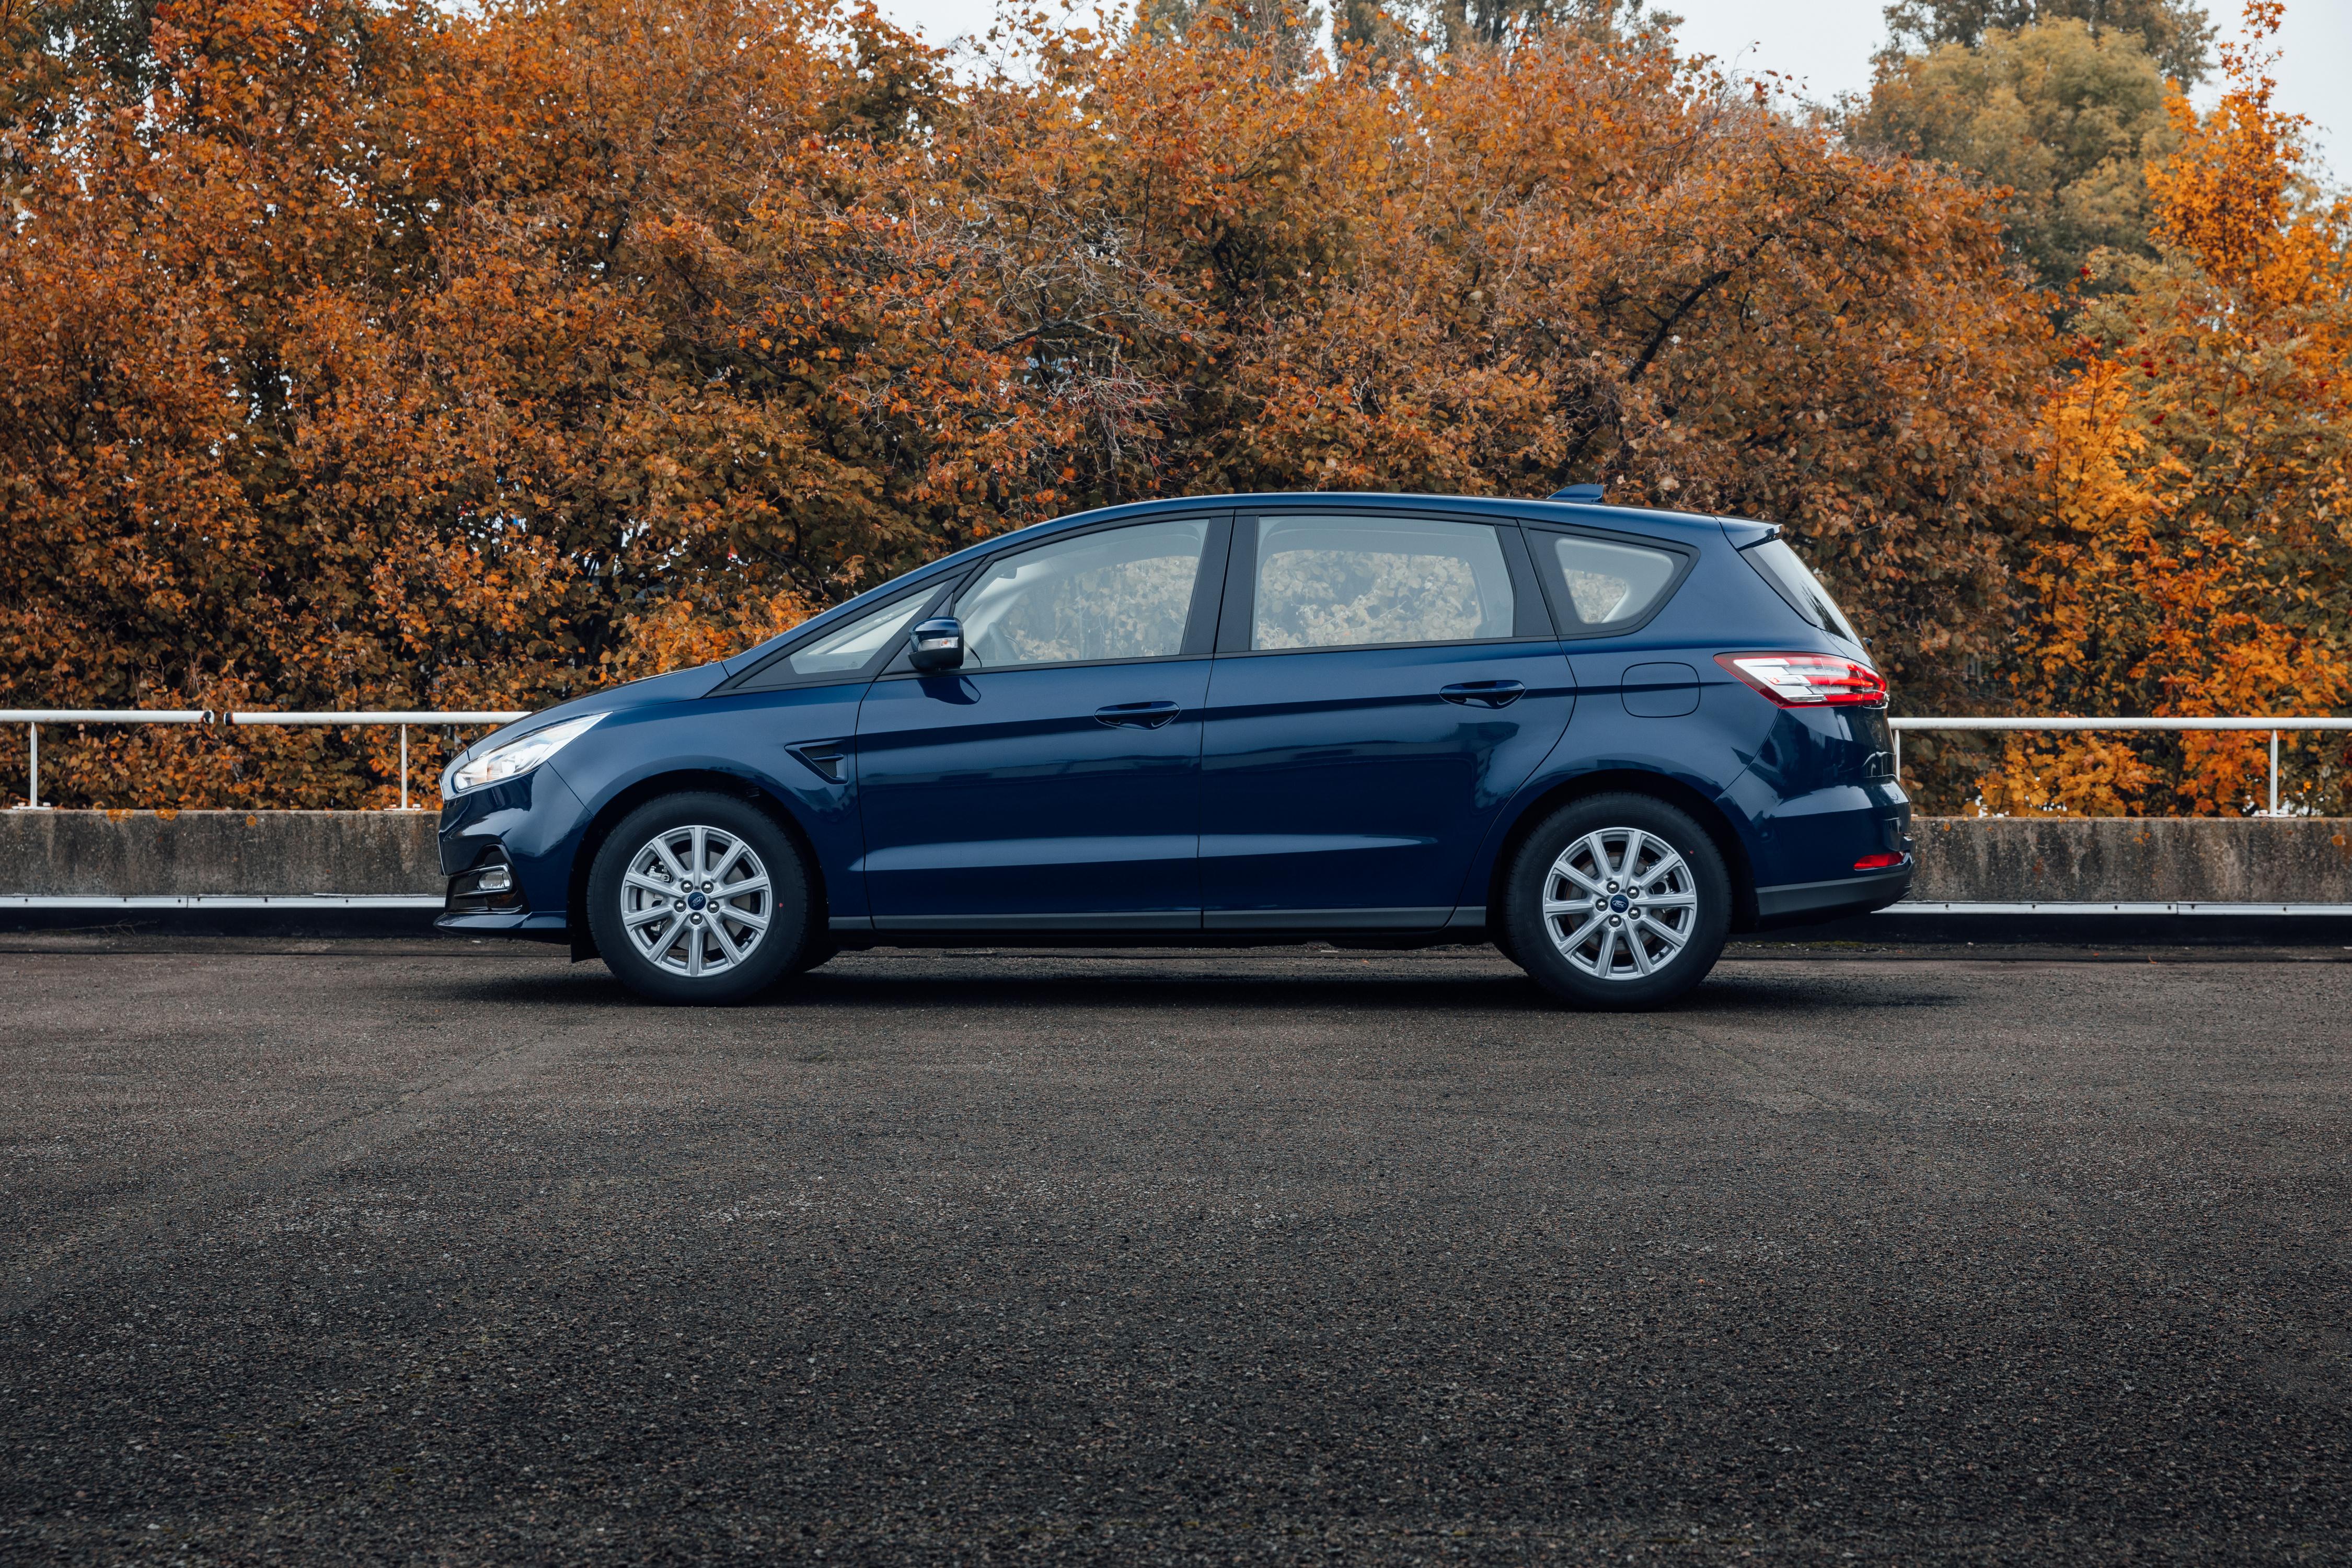 Картинки Ford Универсал S-MAX, 2019 Синий авто Сбоку Металлик 4500x3000 Форд синяя синие синих машина машины Автомобили автомобиль